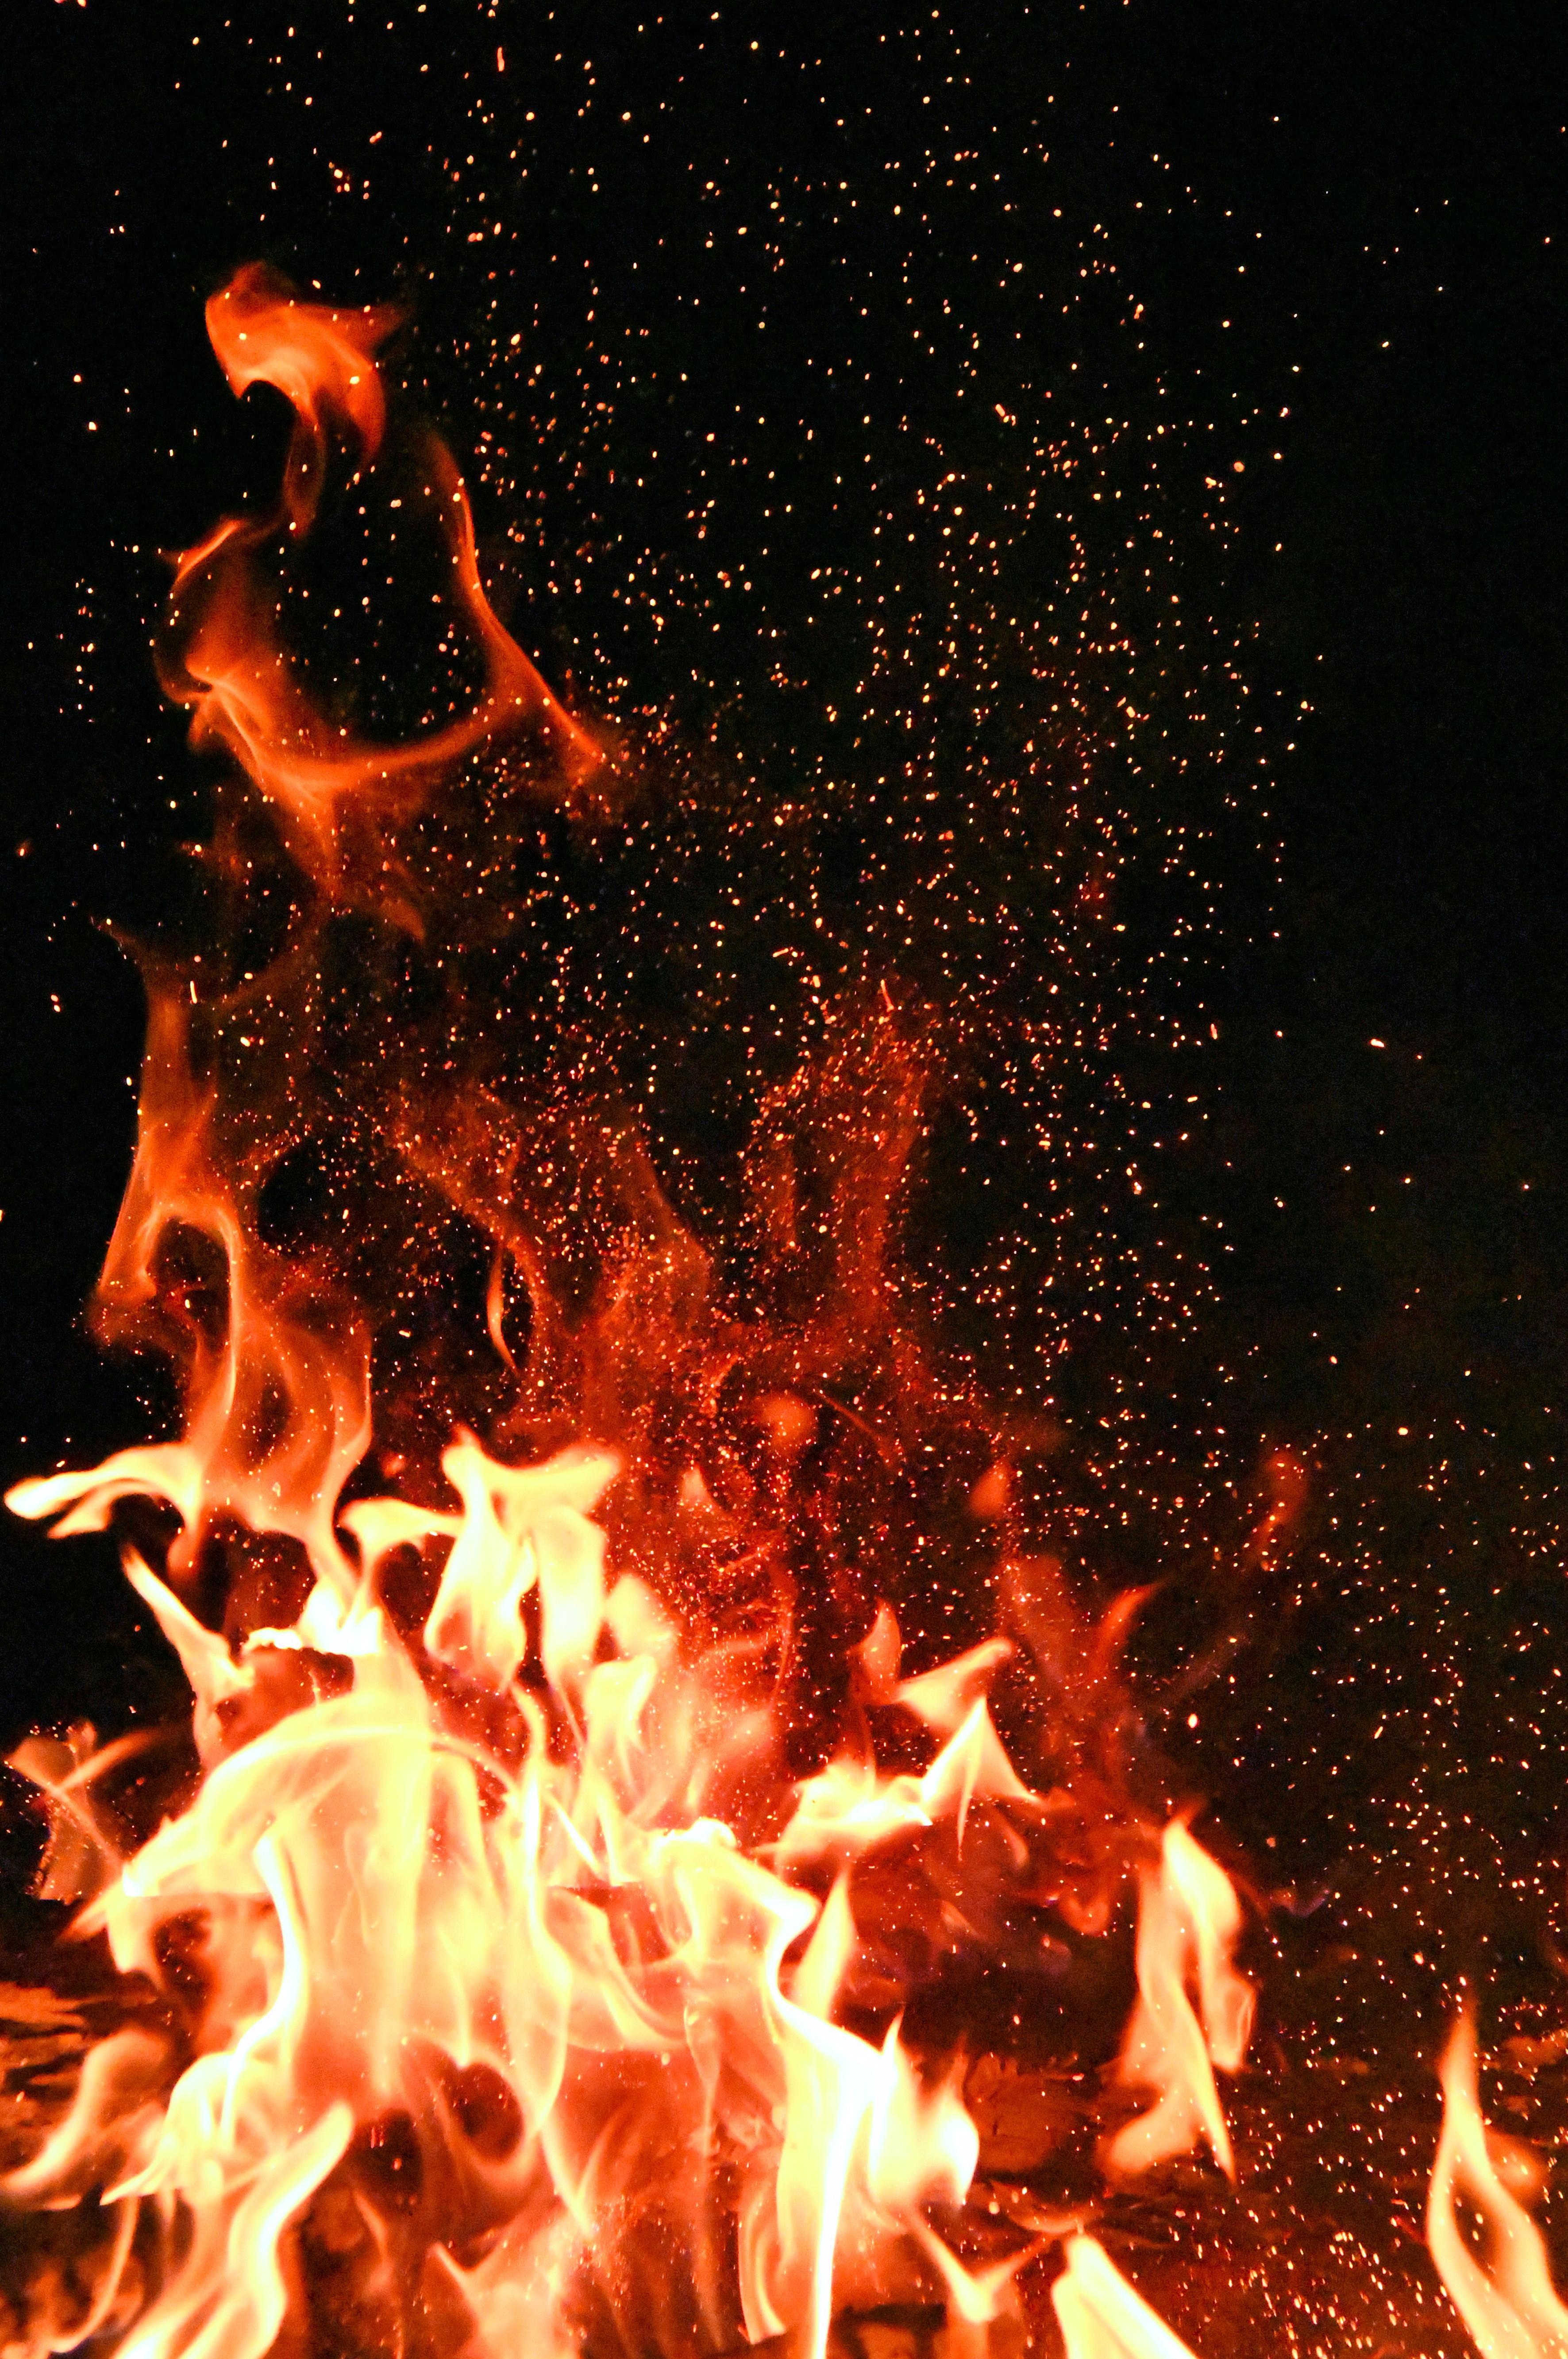 Красивые картинки с огня